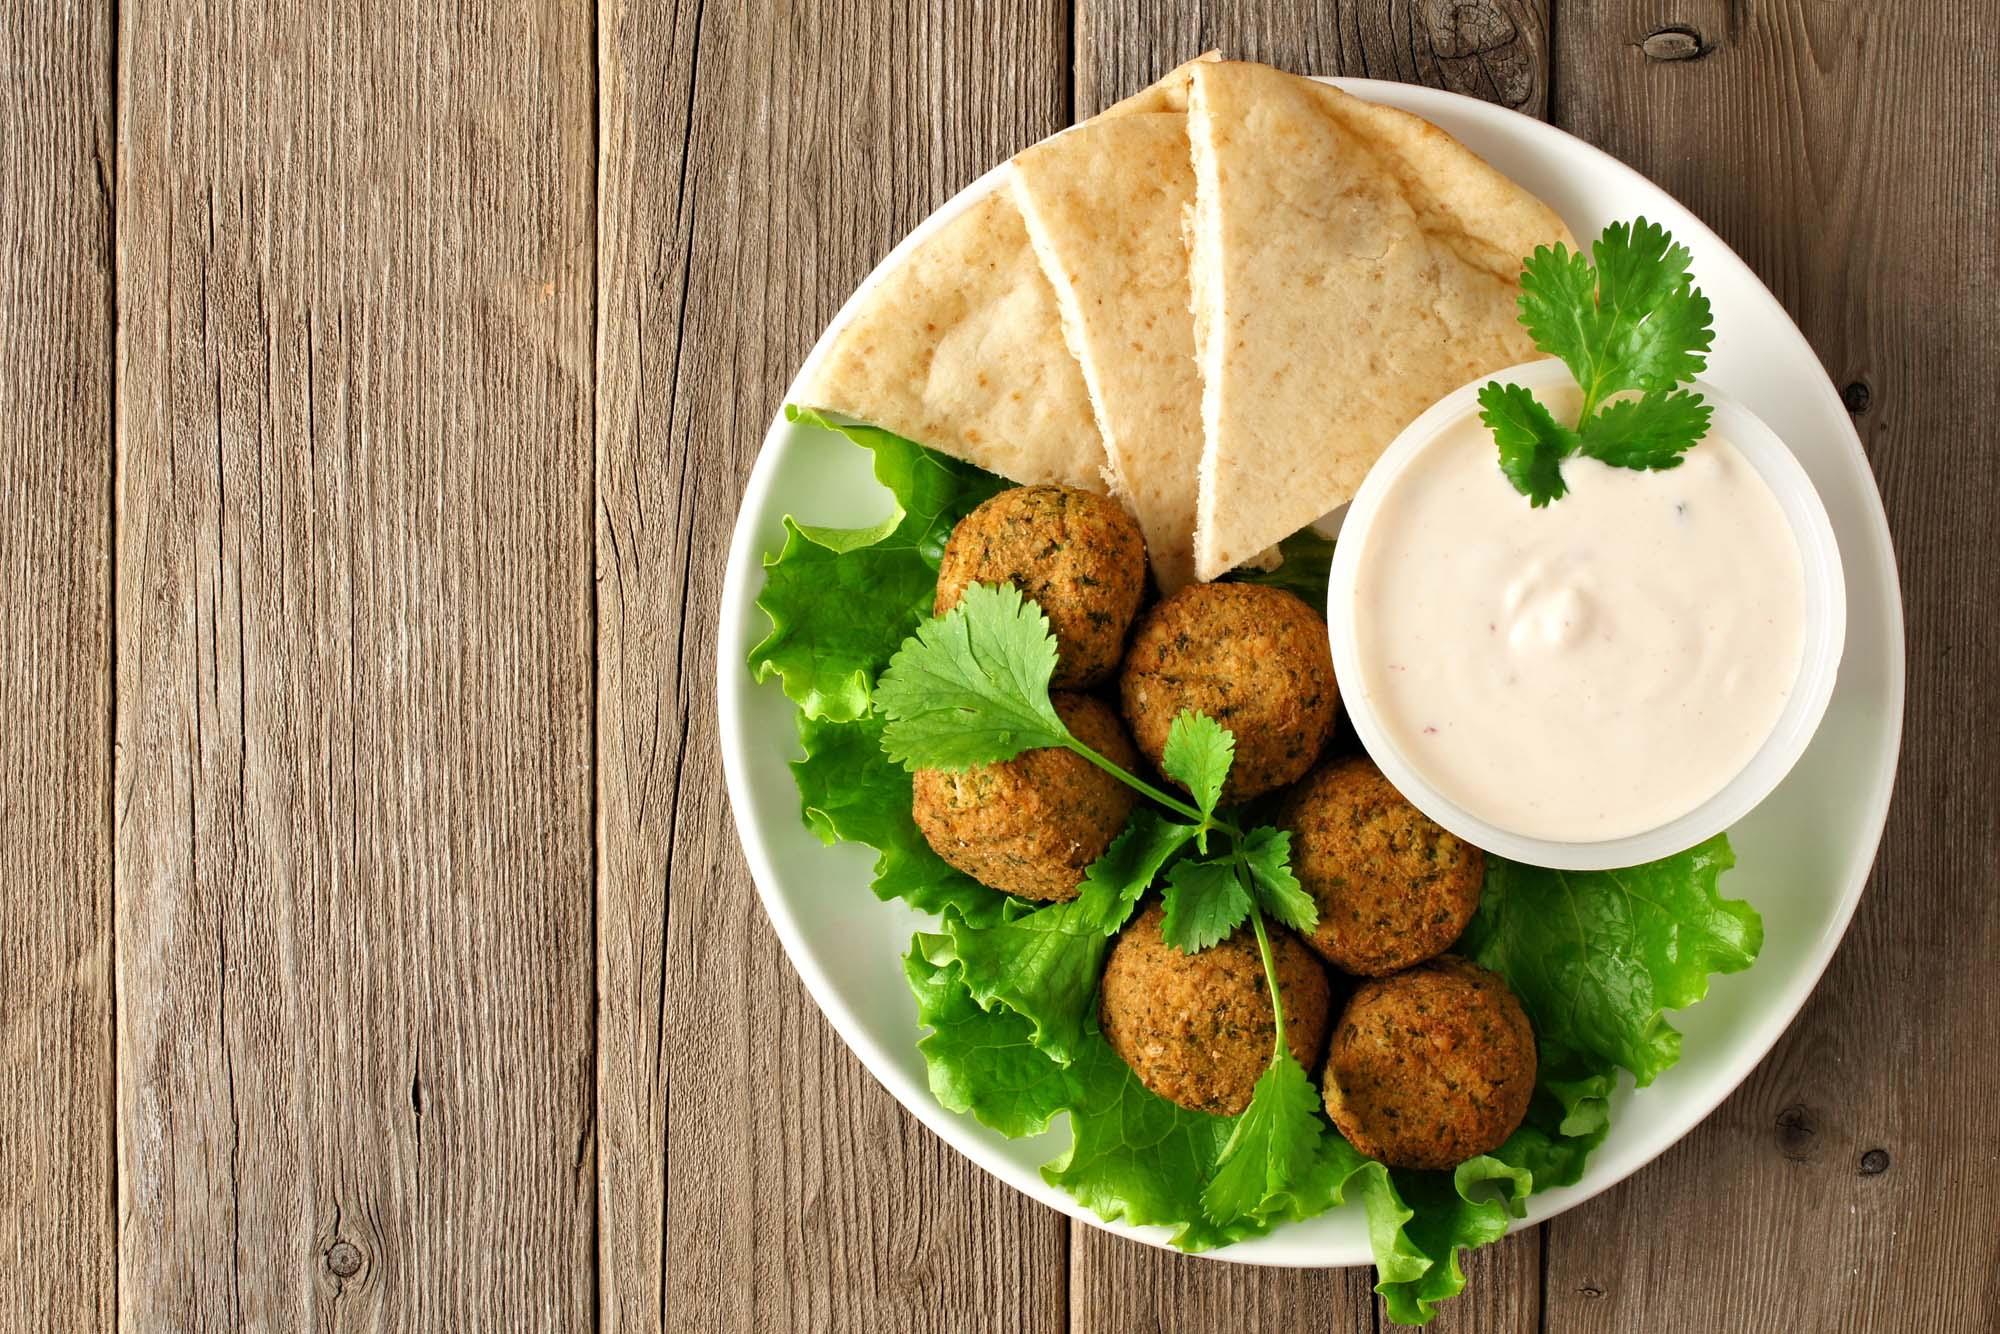 Pitabrød med falafel